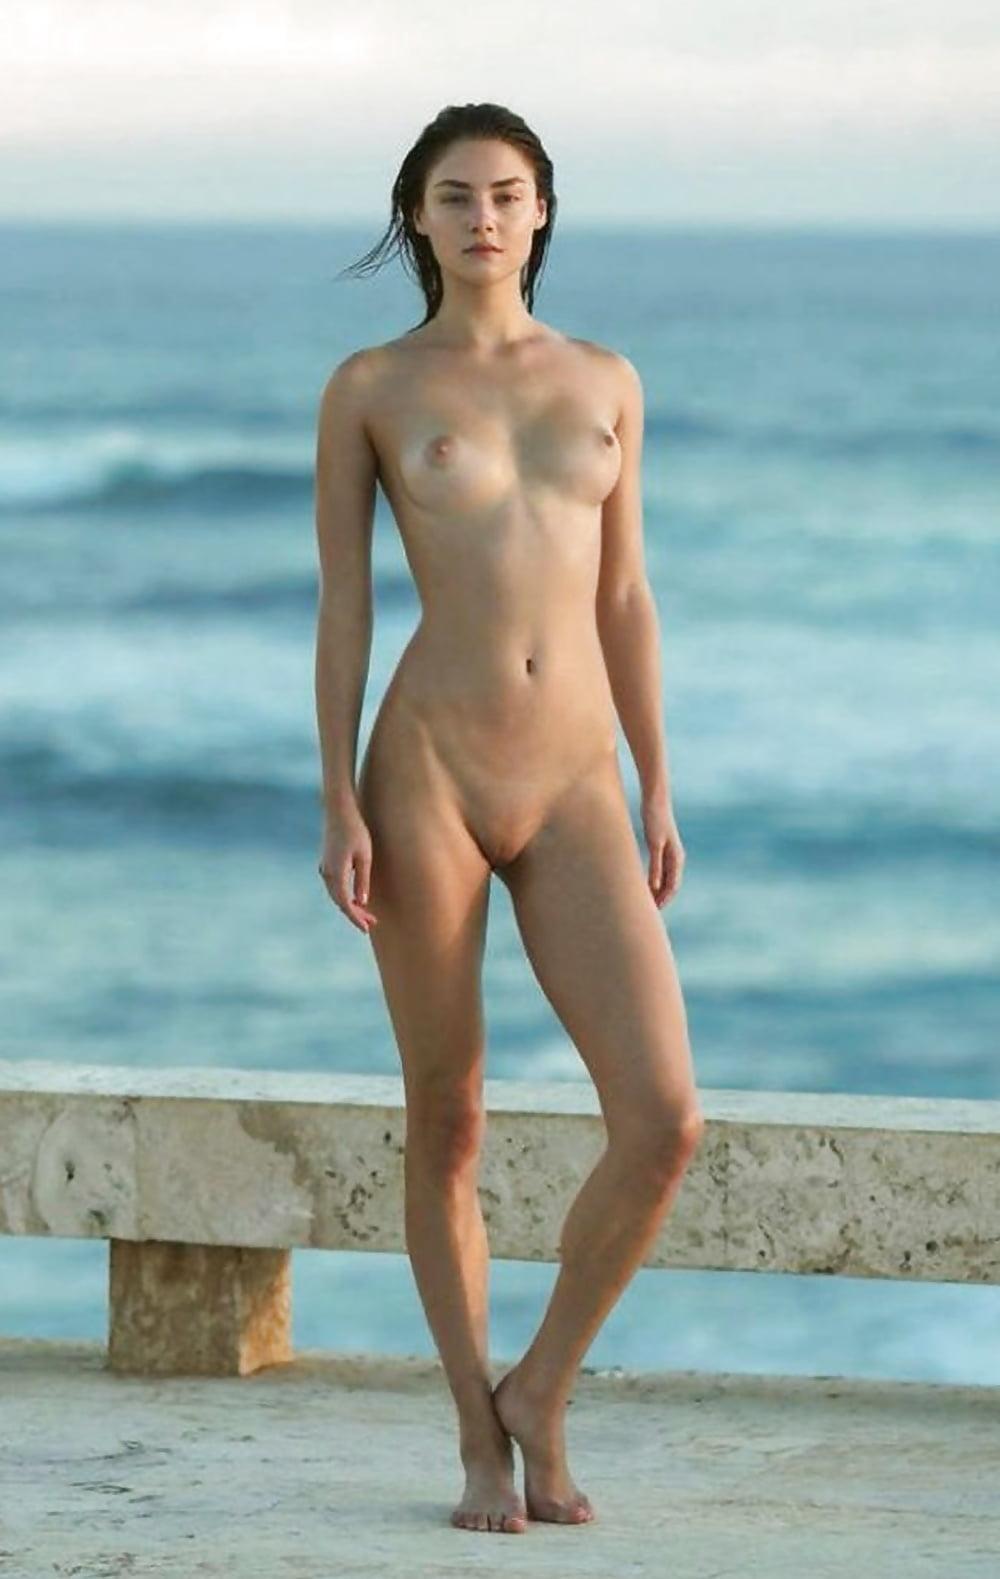 Nude Vika Levina nudes (36 photo), Tits, Bikini, Feet, cleavage 2015